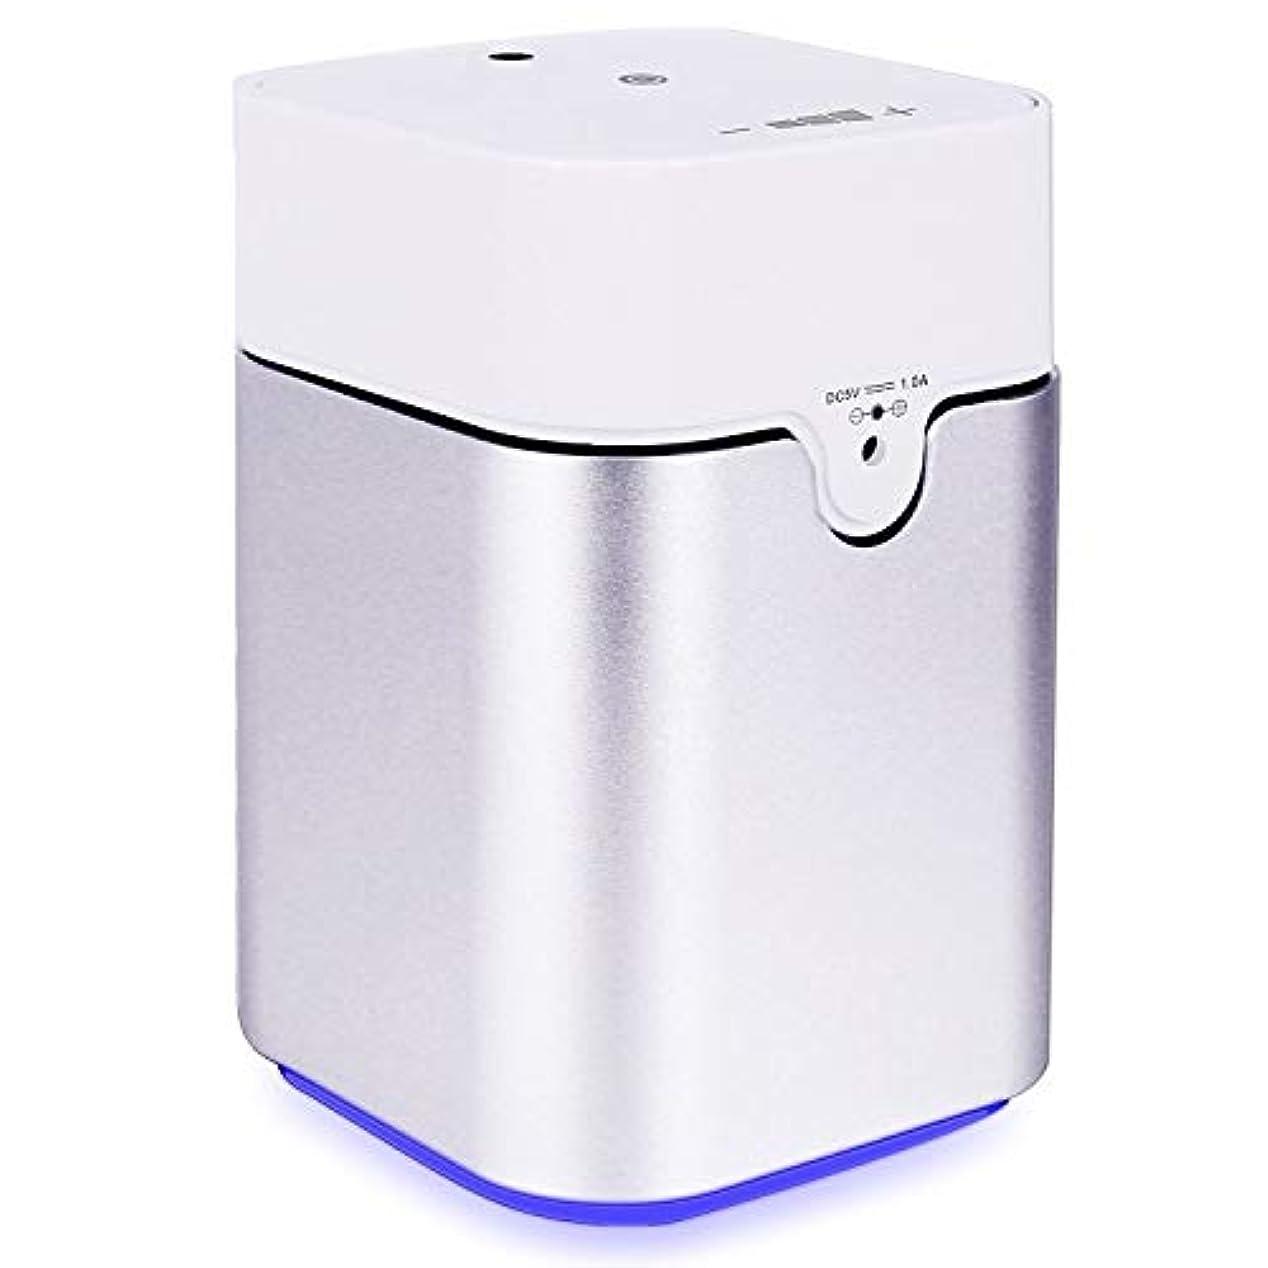 ブランド名一般的に言えば楽観ENERG e's Pure アロマディフューザー ヨガ室 整体院人気 タイマー機能 ネブライザー式 量調整可能 精油瓶3個付き T11-ENS082